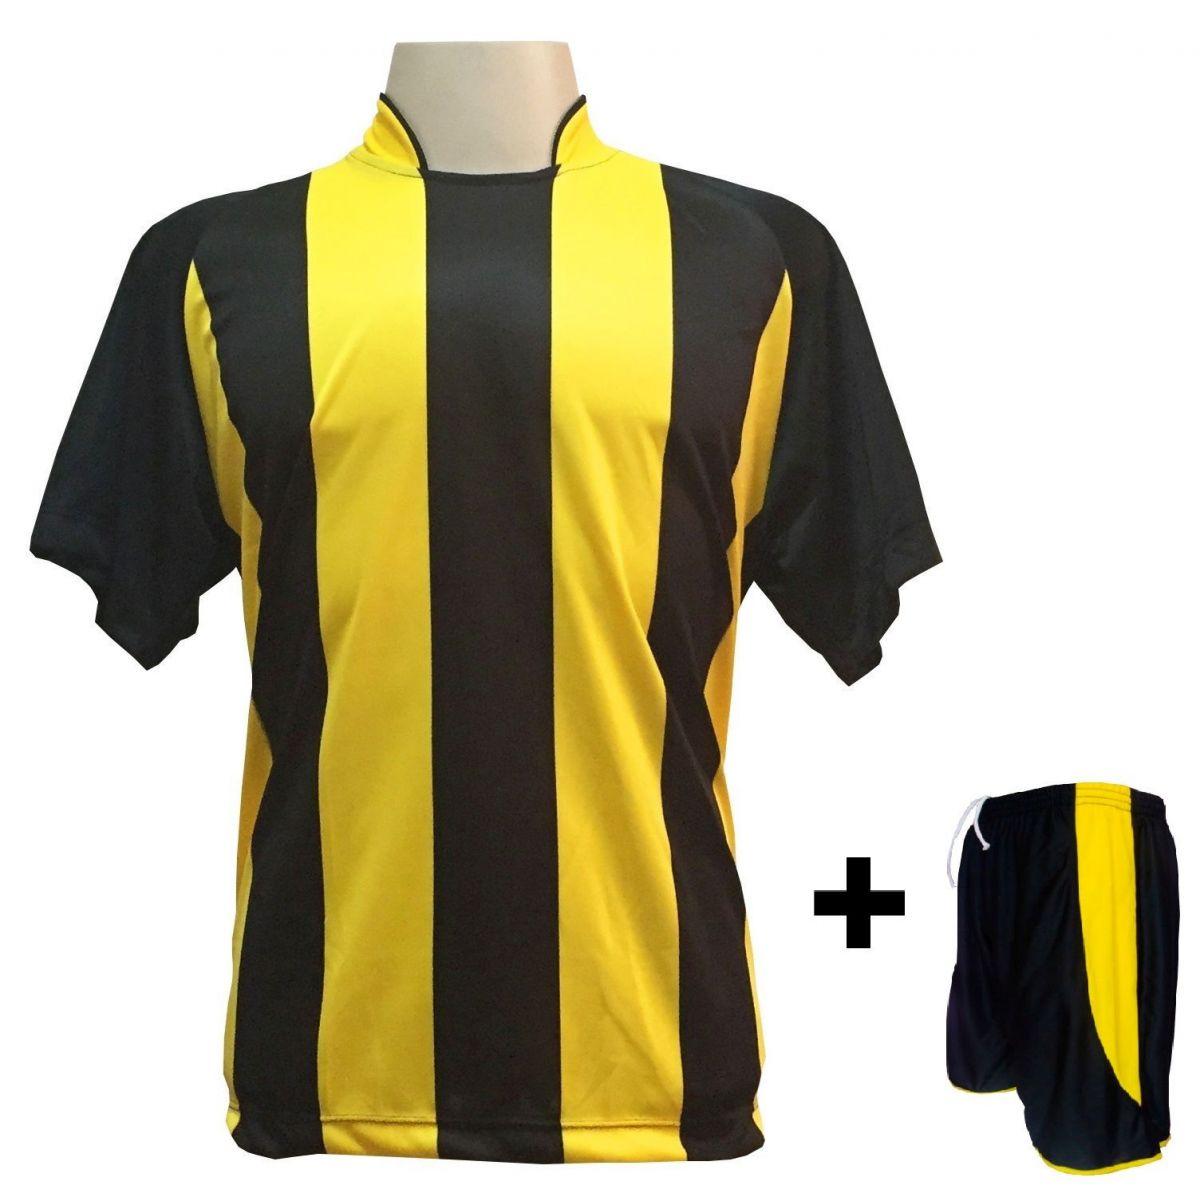 Uniforme Esportivo com 12 camisas modelo Milan Preto/Amarelo + 12 calções modelo Copa Preto/Amarelo + Brindes